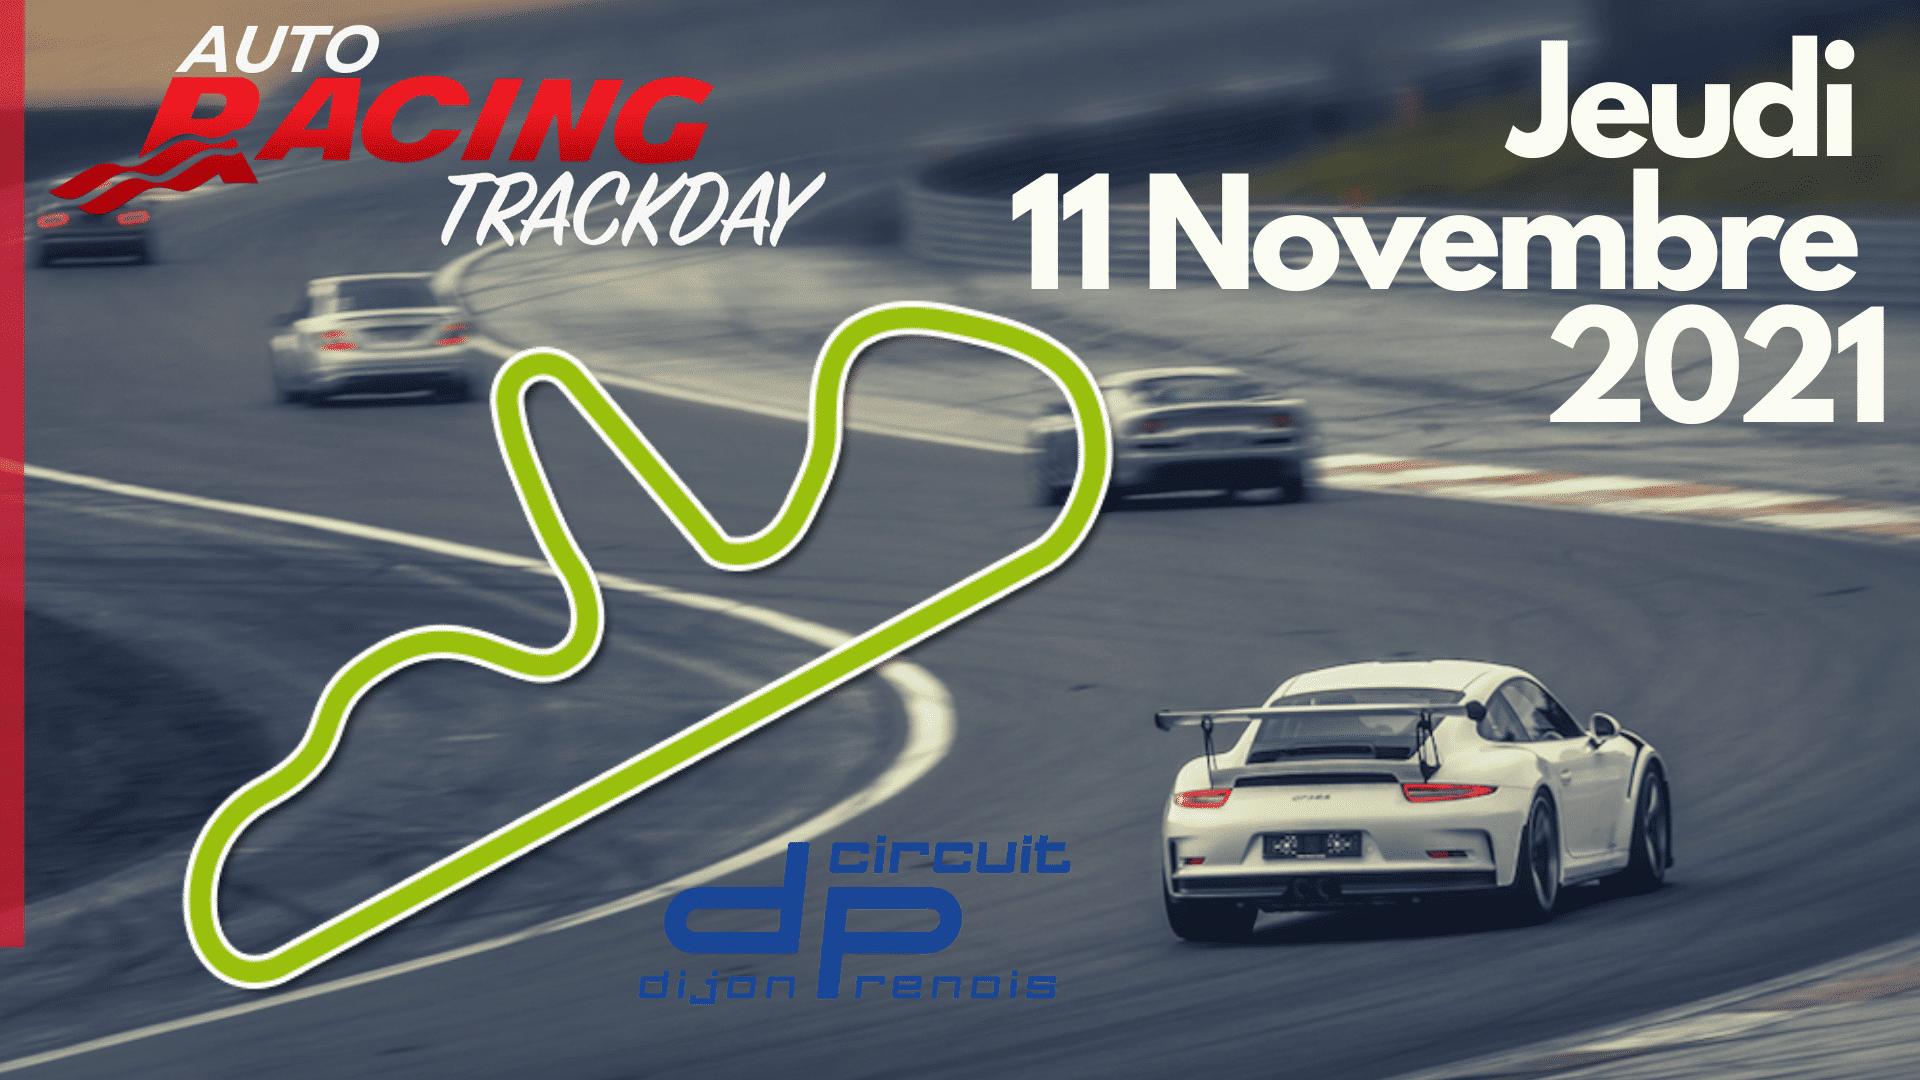 TrackDay Circuit Dijon Prenois | Jeudi 11 Novembre 2021